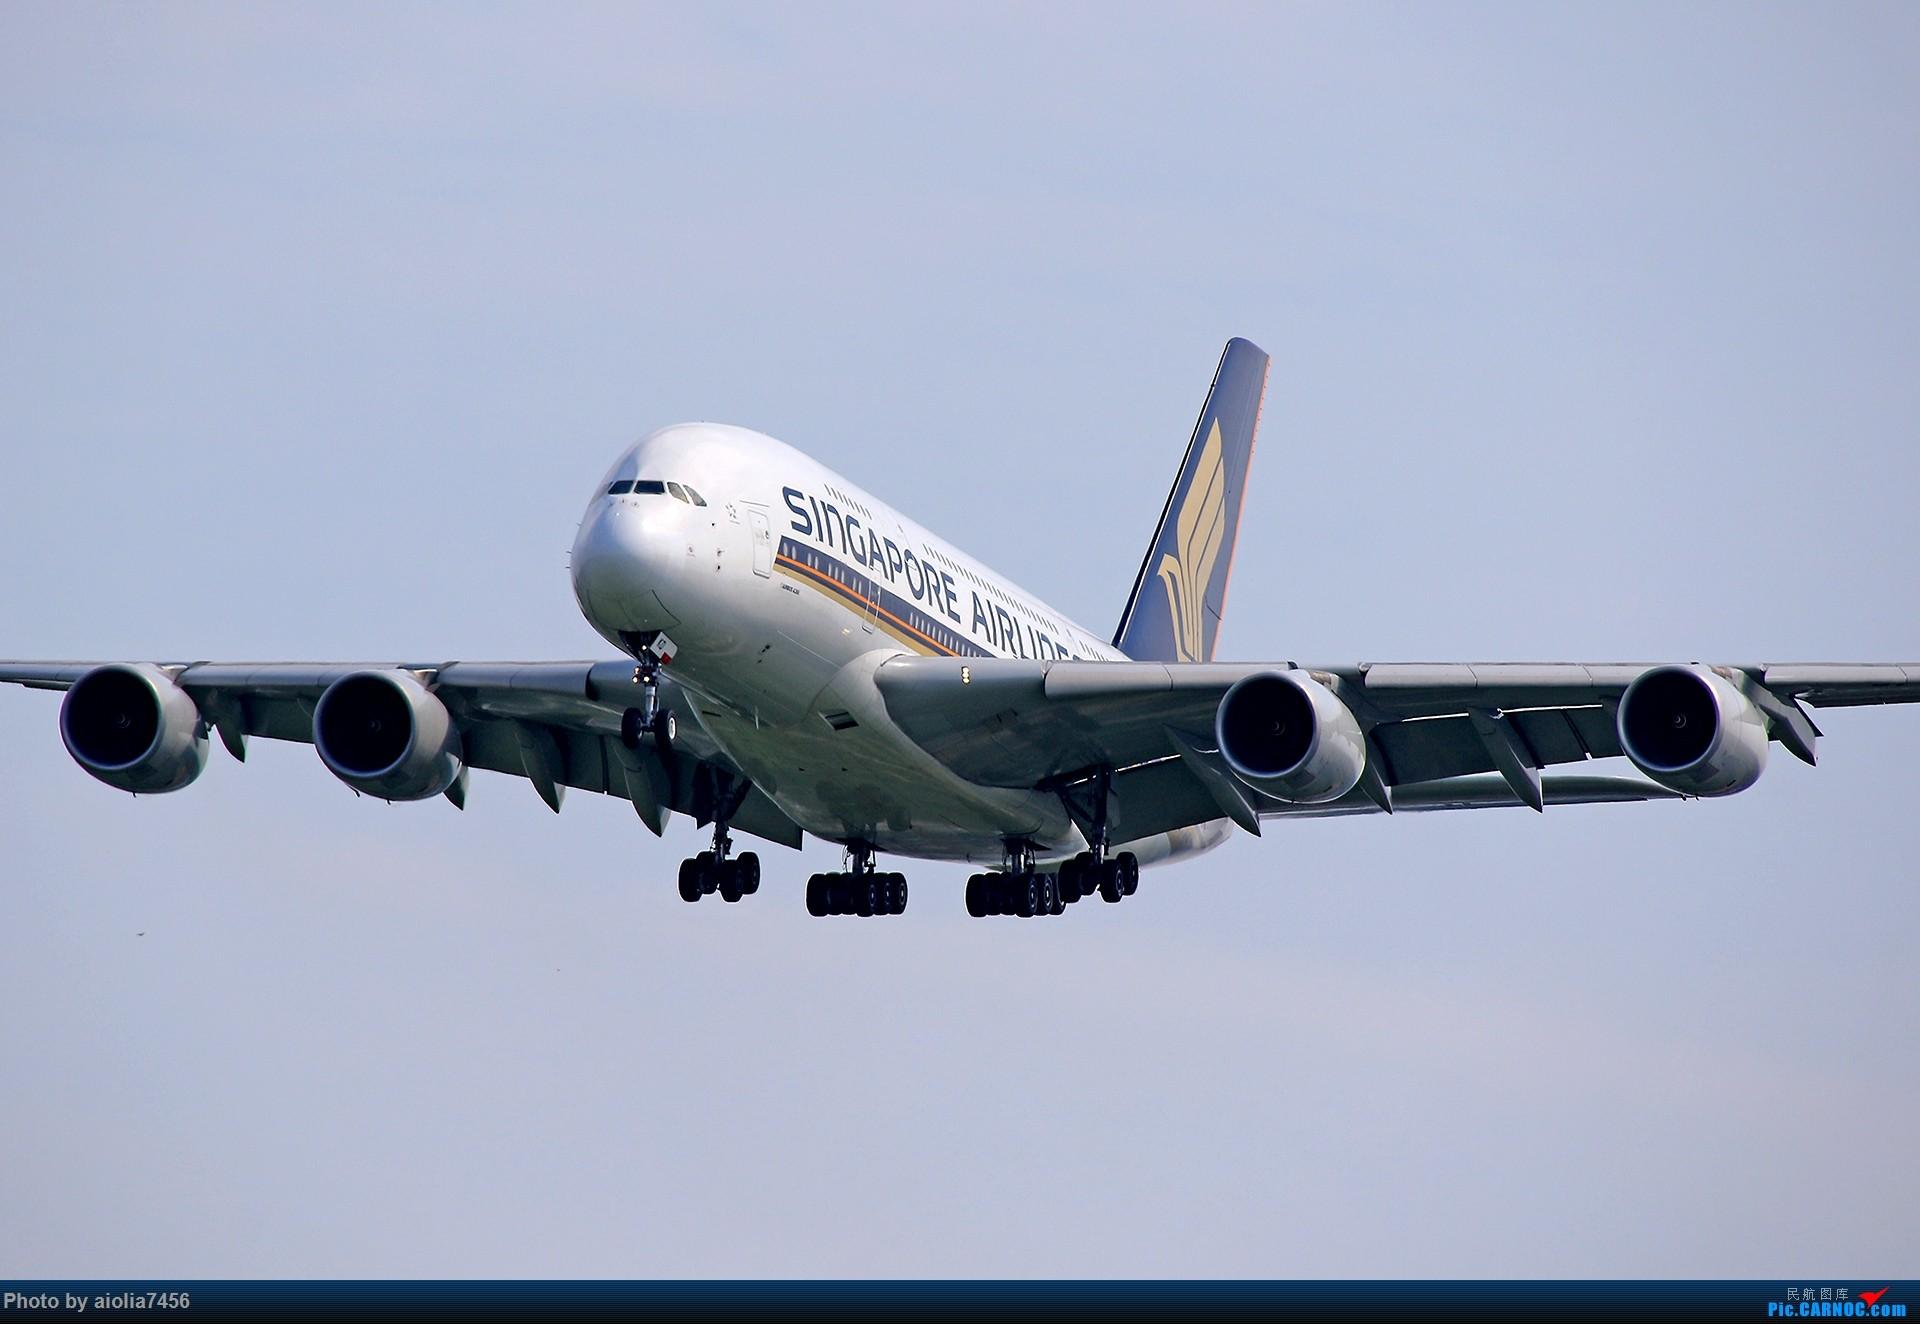 [原创]合肥飞友会[霸都飞友会]冷风过境,吹回了久违的蓝天,而我刚刚好路过PEK AIRBUS A380-800 9V-SKD 中国北京首都国际机场